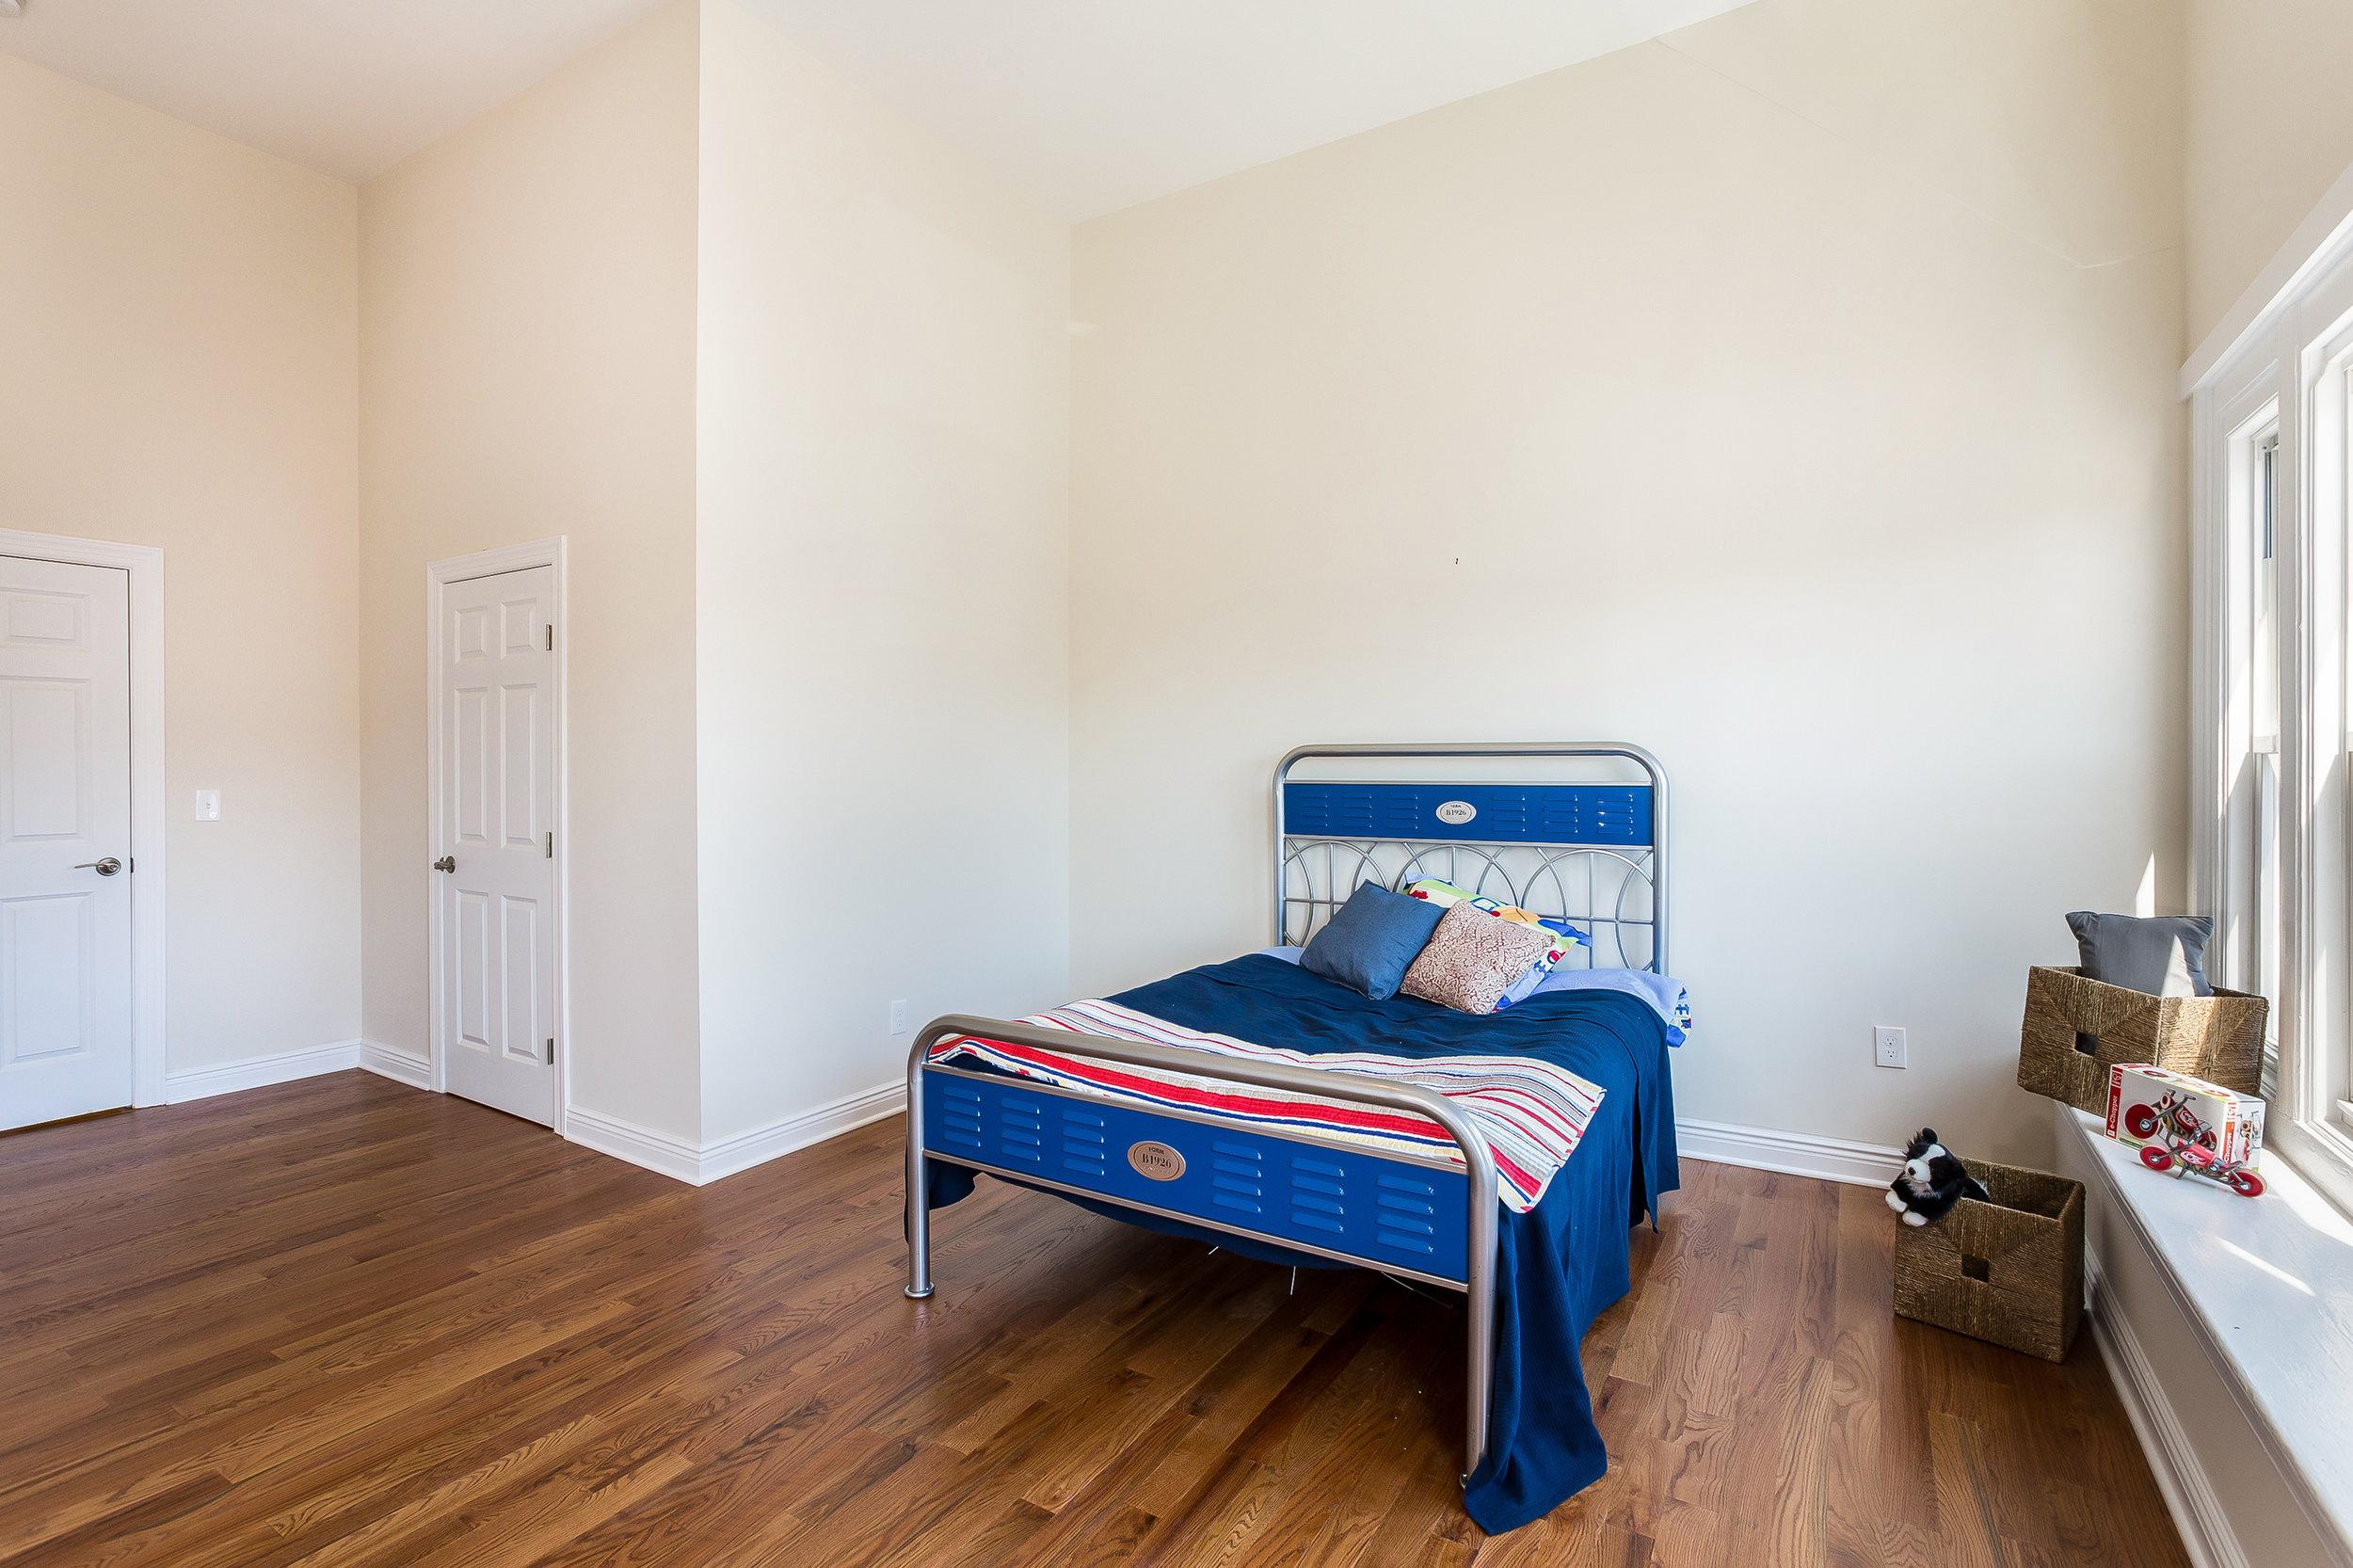 053-Bedroom-3992687-large.jpg